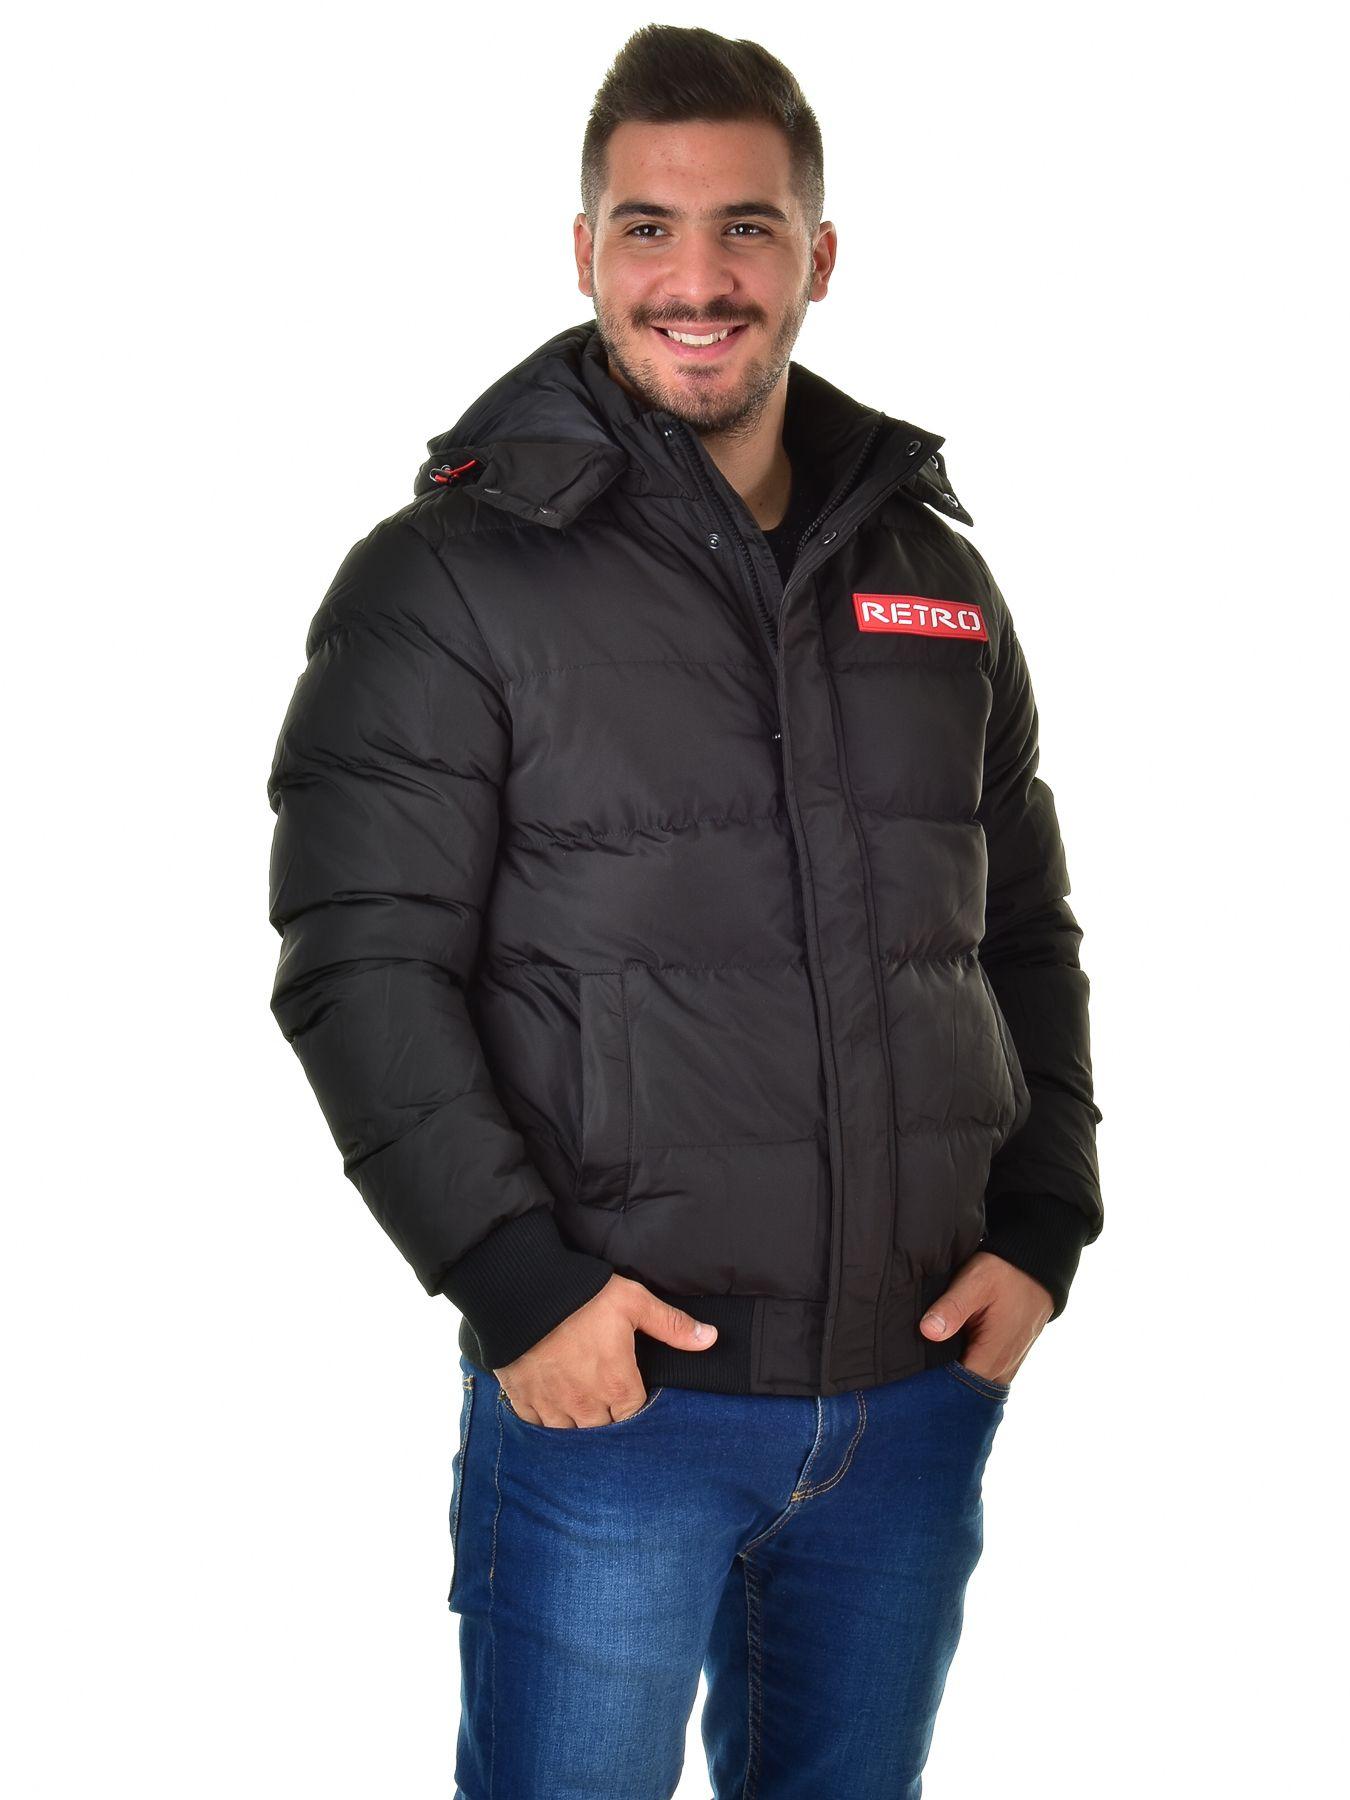 Akciós   Retro Jeans férfi kabát CRAFT   Markasbolt.hu